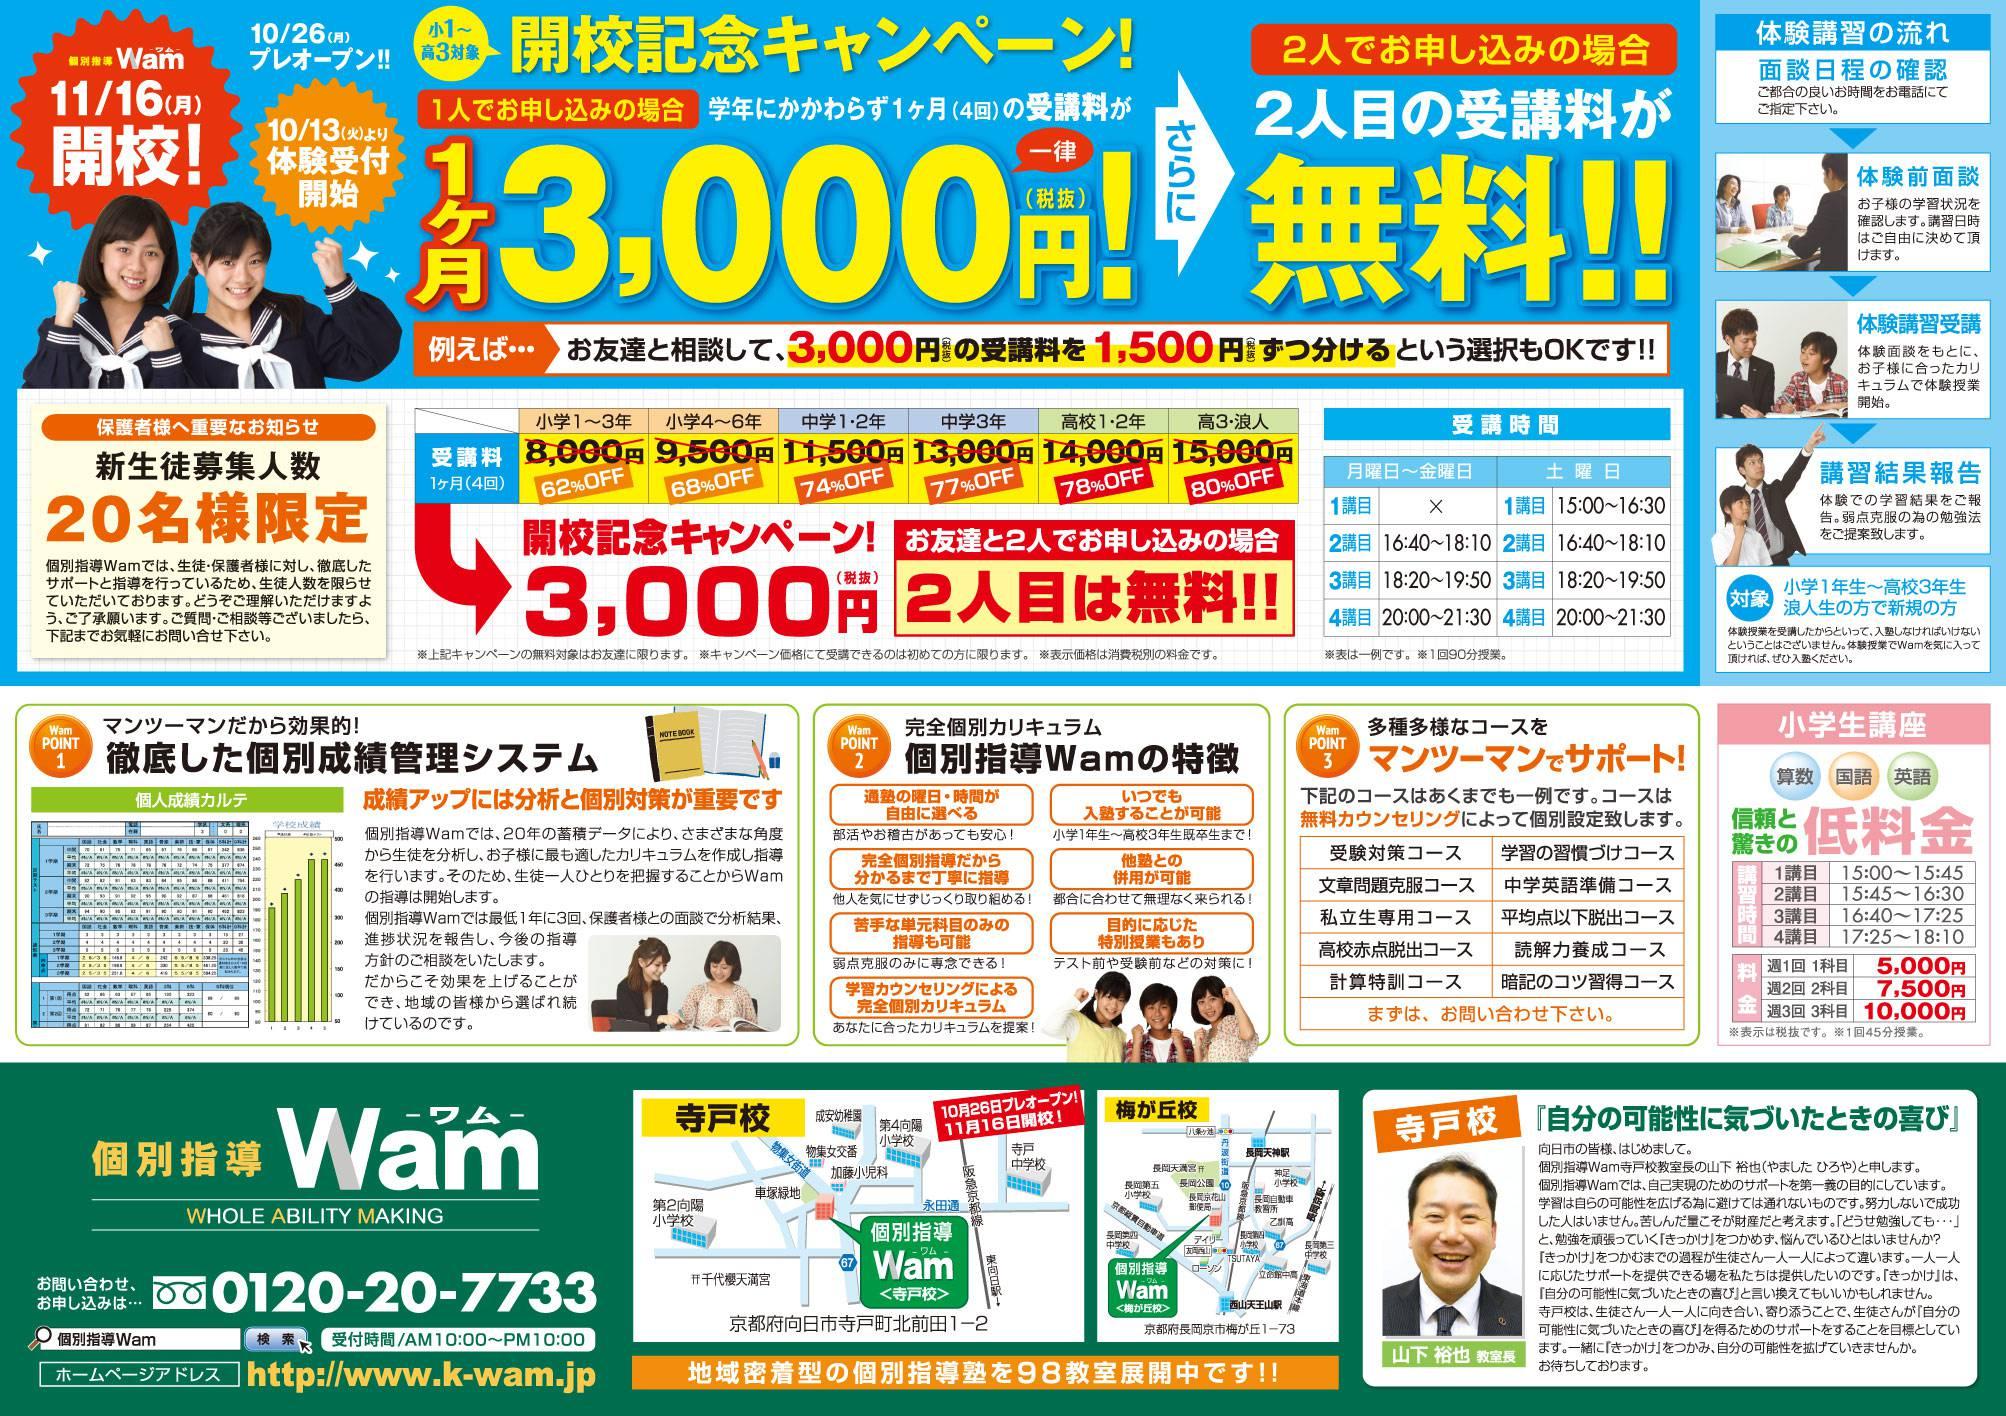 寺戸校 2015年10月26日(月) プレオープン・ウラ面